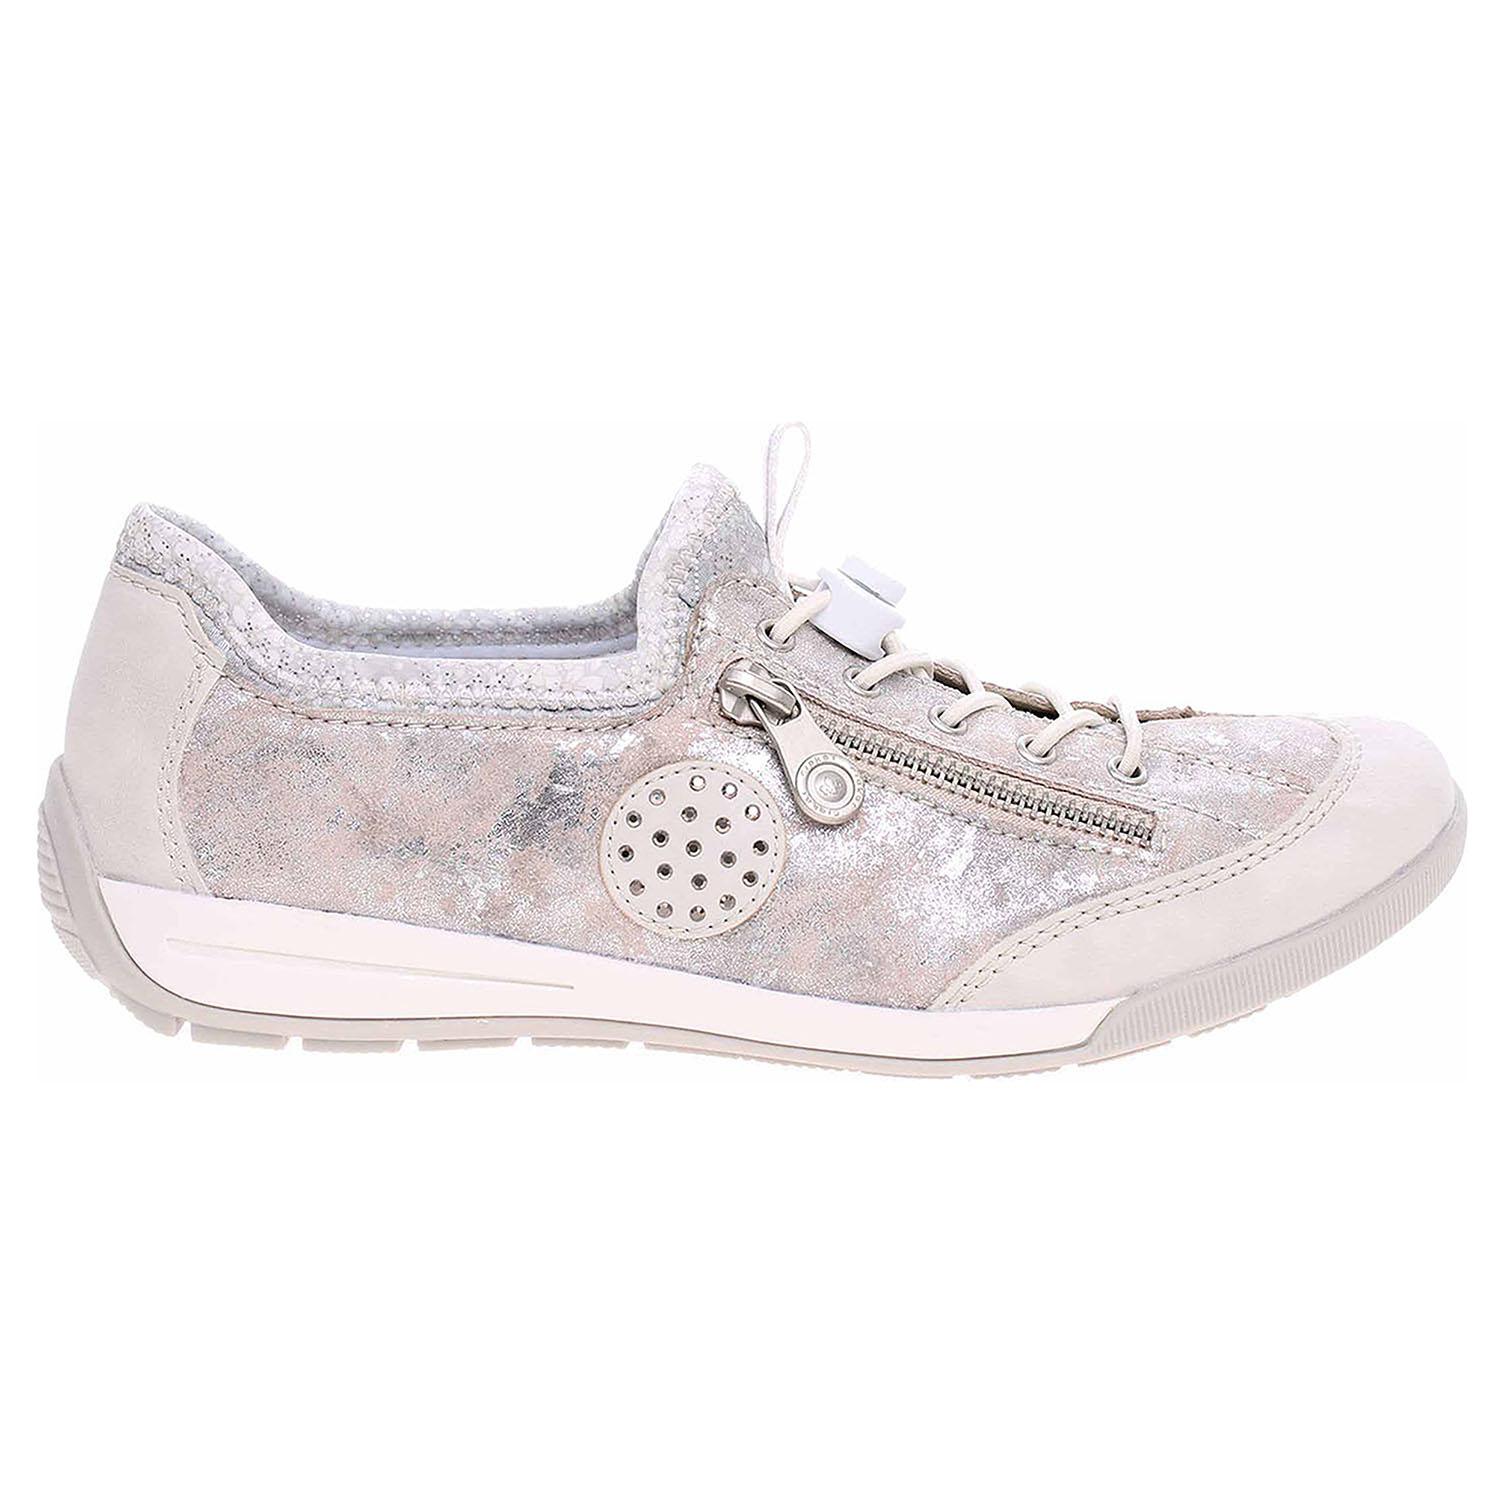 Ecco Rieker dámská obuv M3063-81 weiss kombi 23200909 0da68b29274